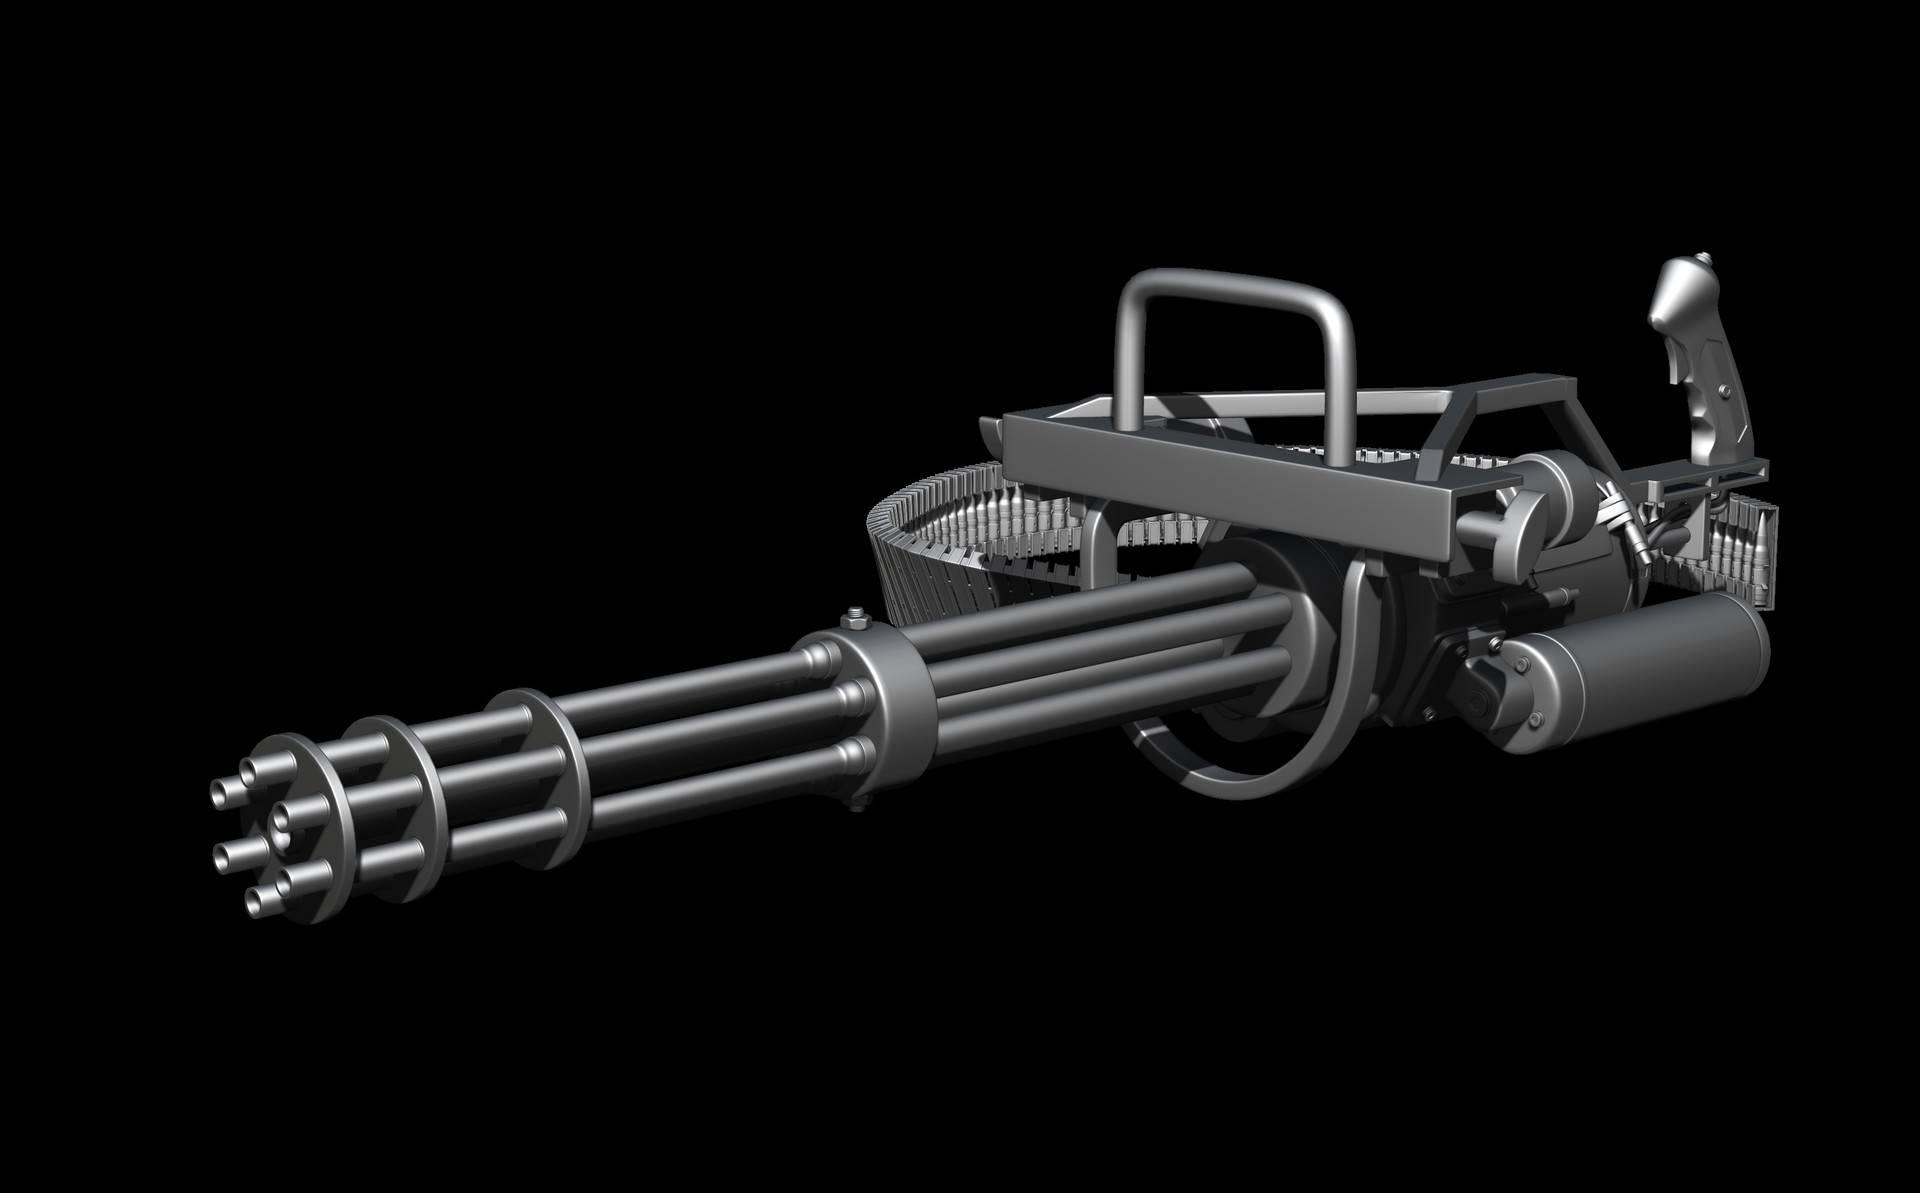 Самое грозное многоствольное оружие россии и сша. карусель смерти: пулемет гатлинга (12 фото) гатлинга своими руками